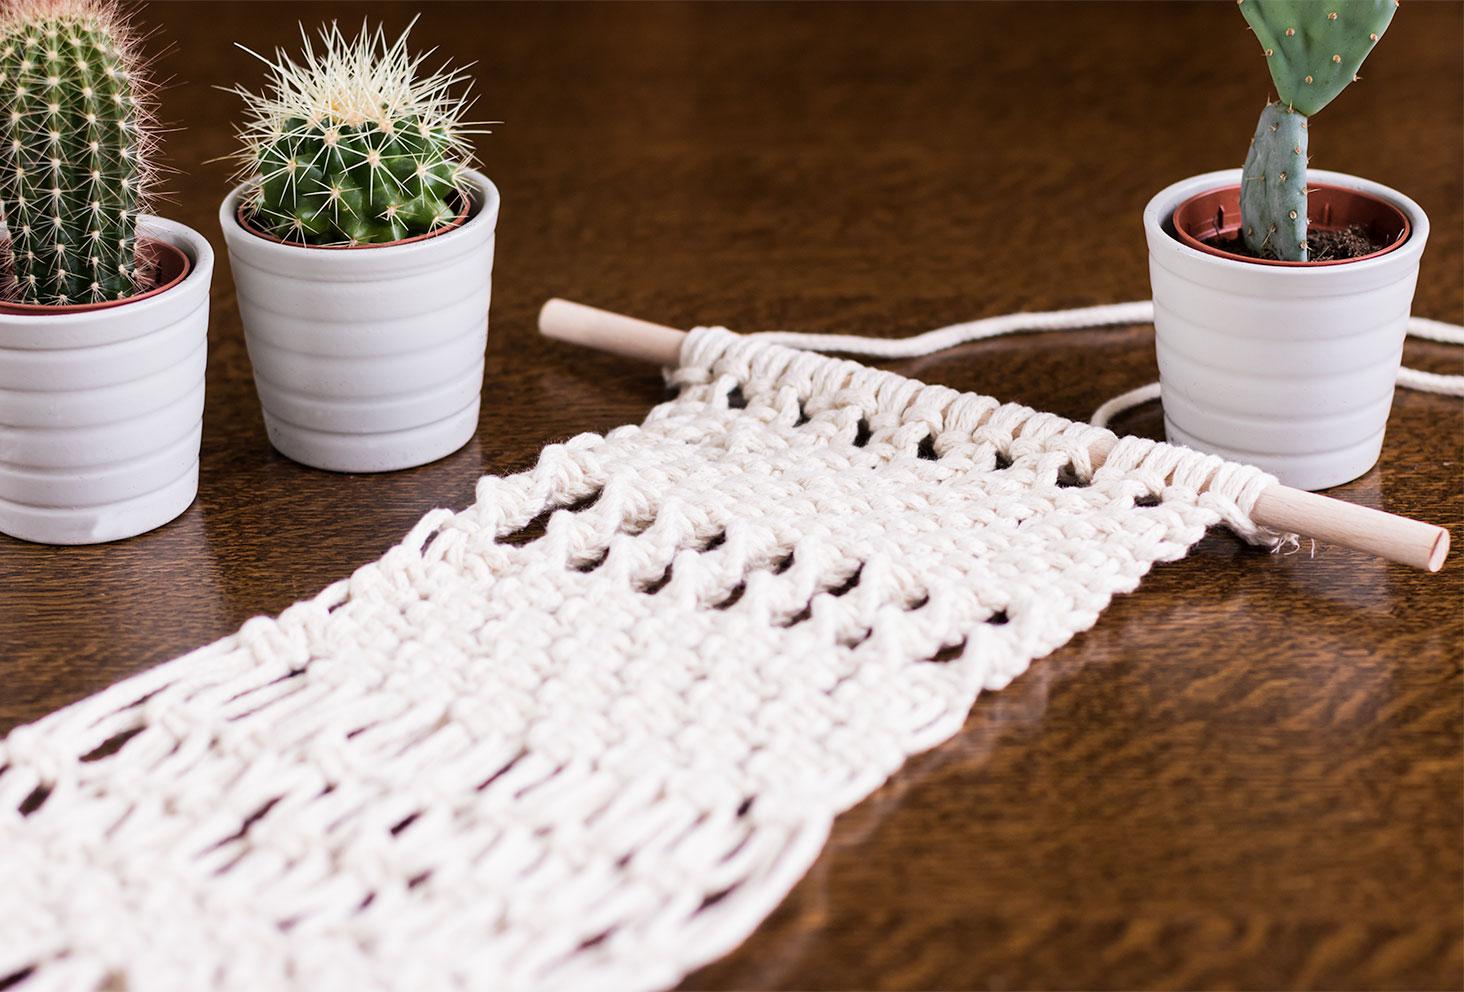 Macramé beige posé sur une table en bois entouré de cactus